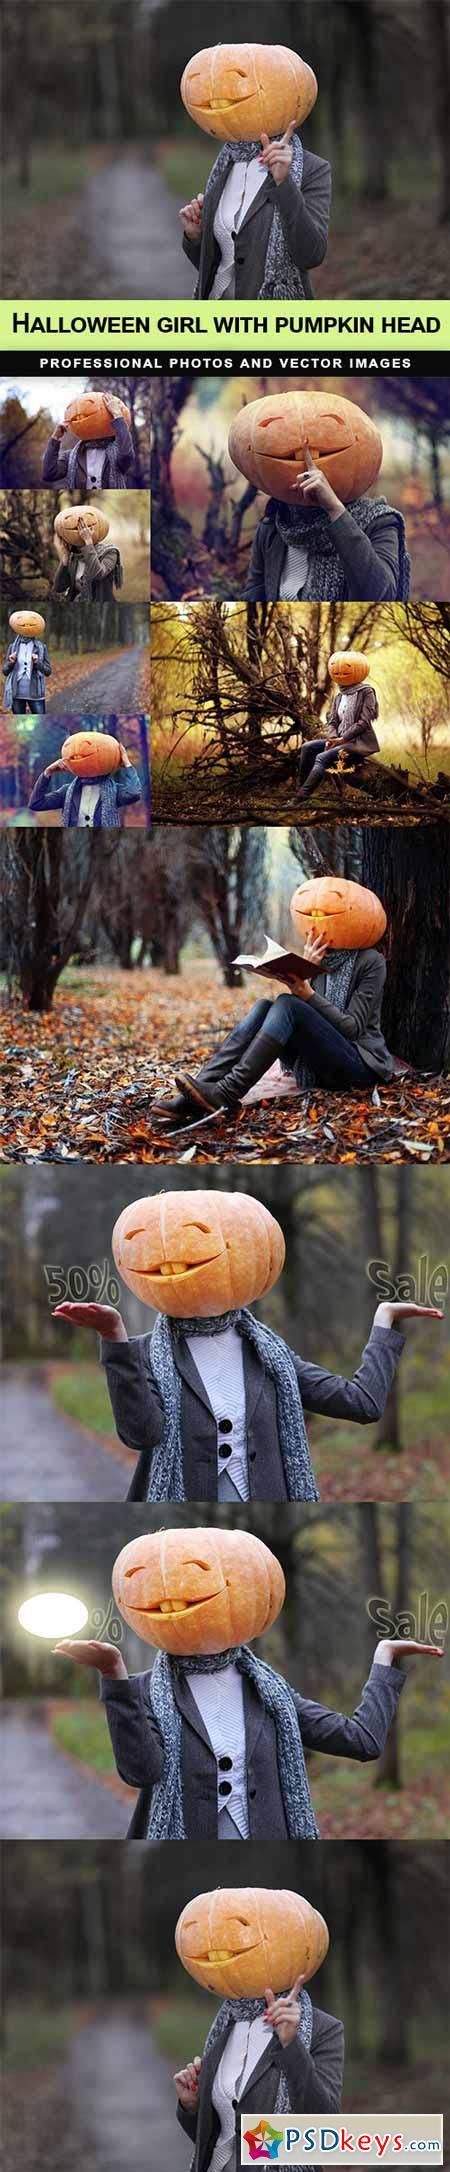 Halloween girl with pumpkin head - 10 UHQ JPEG